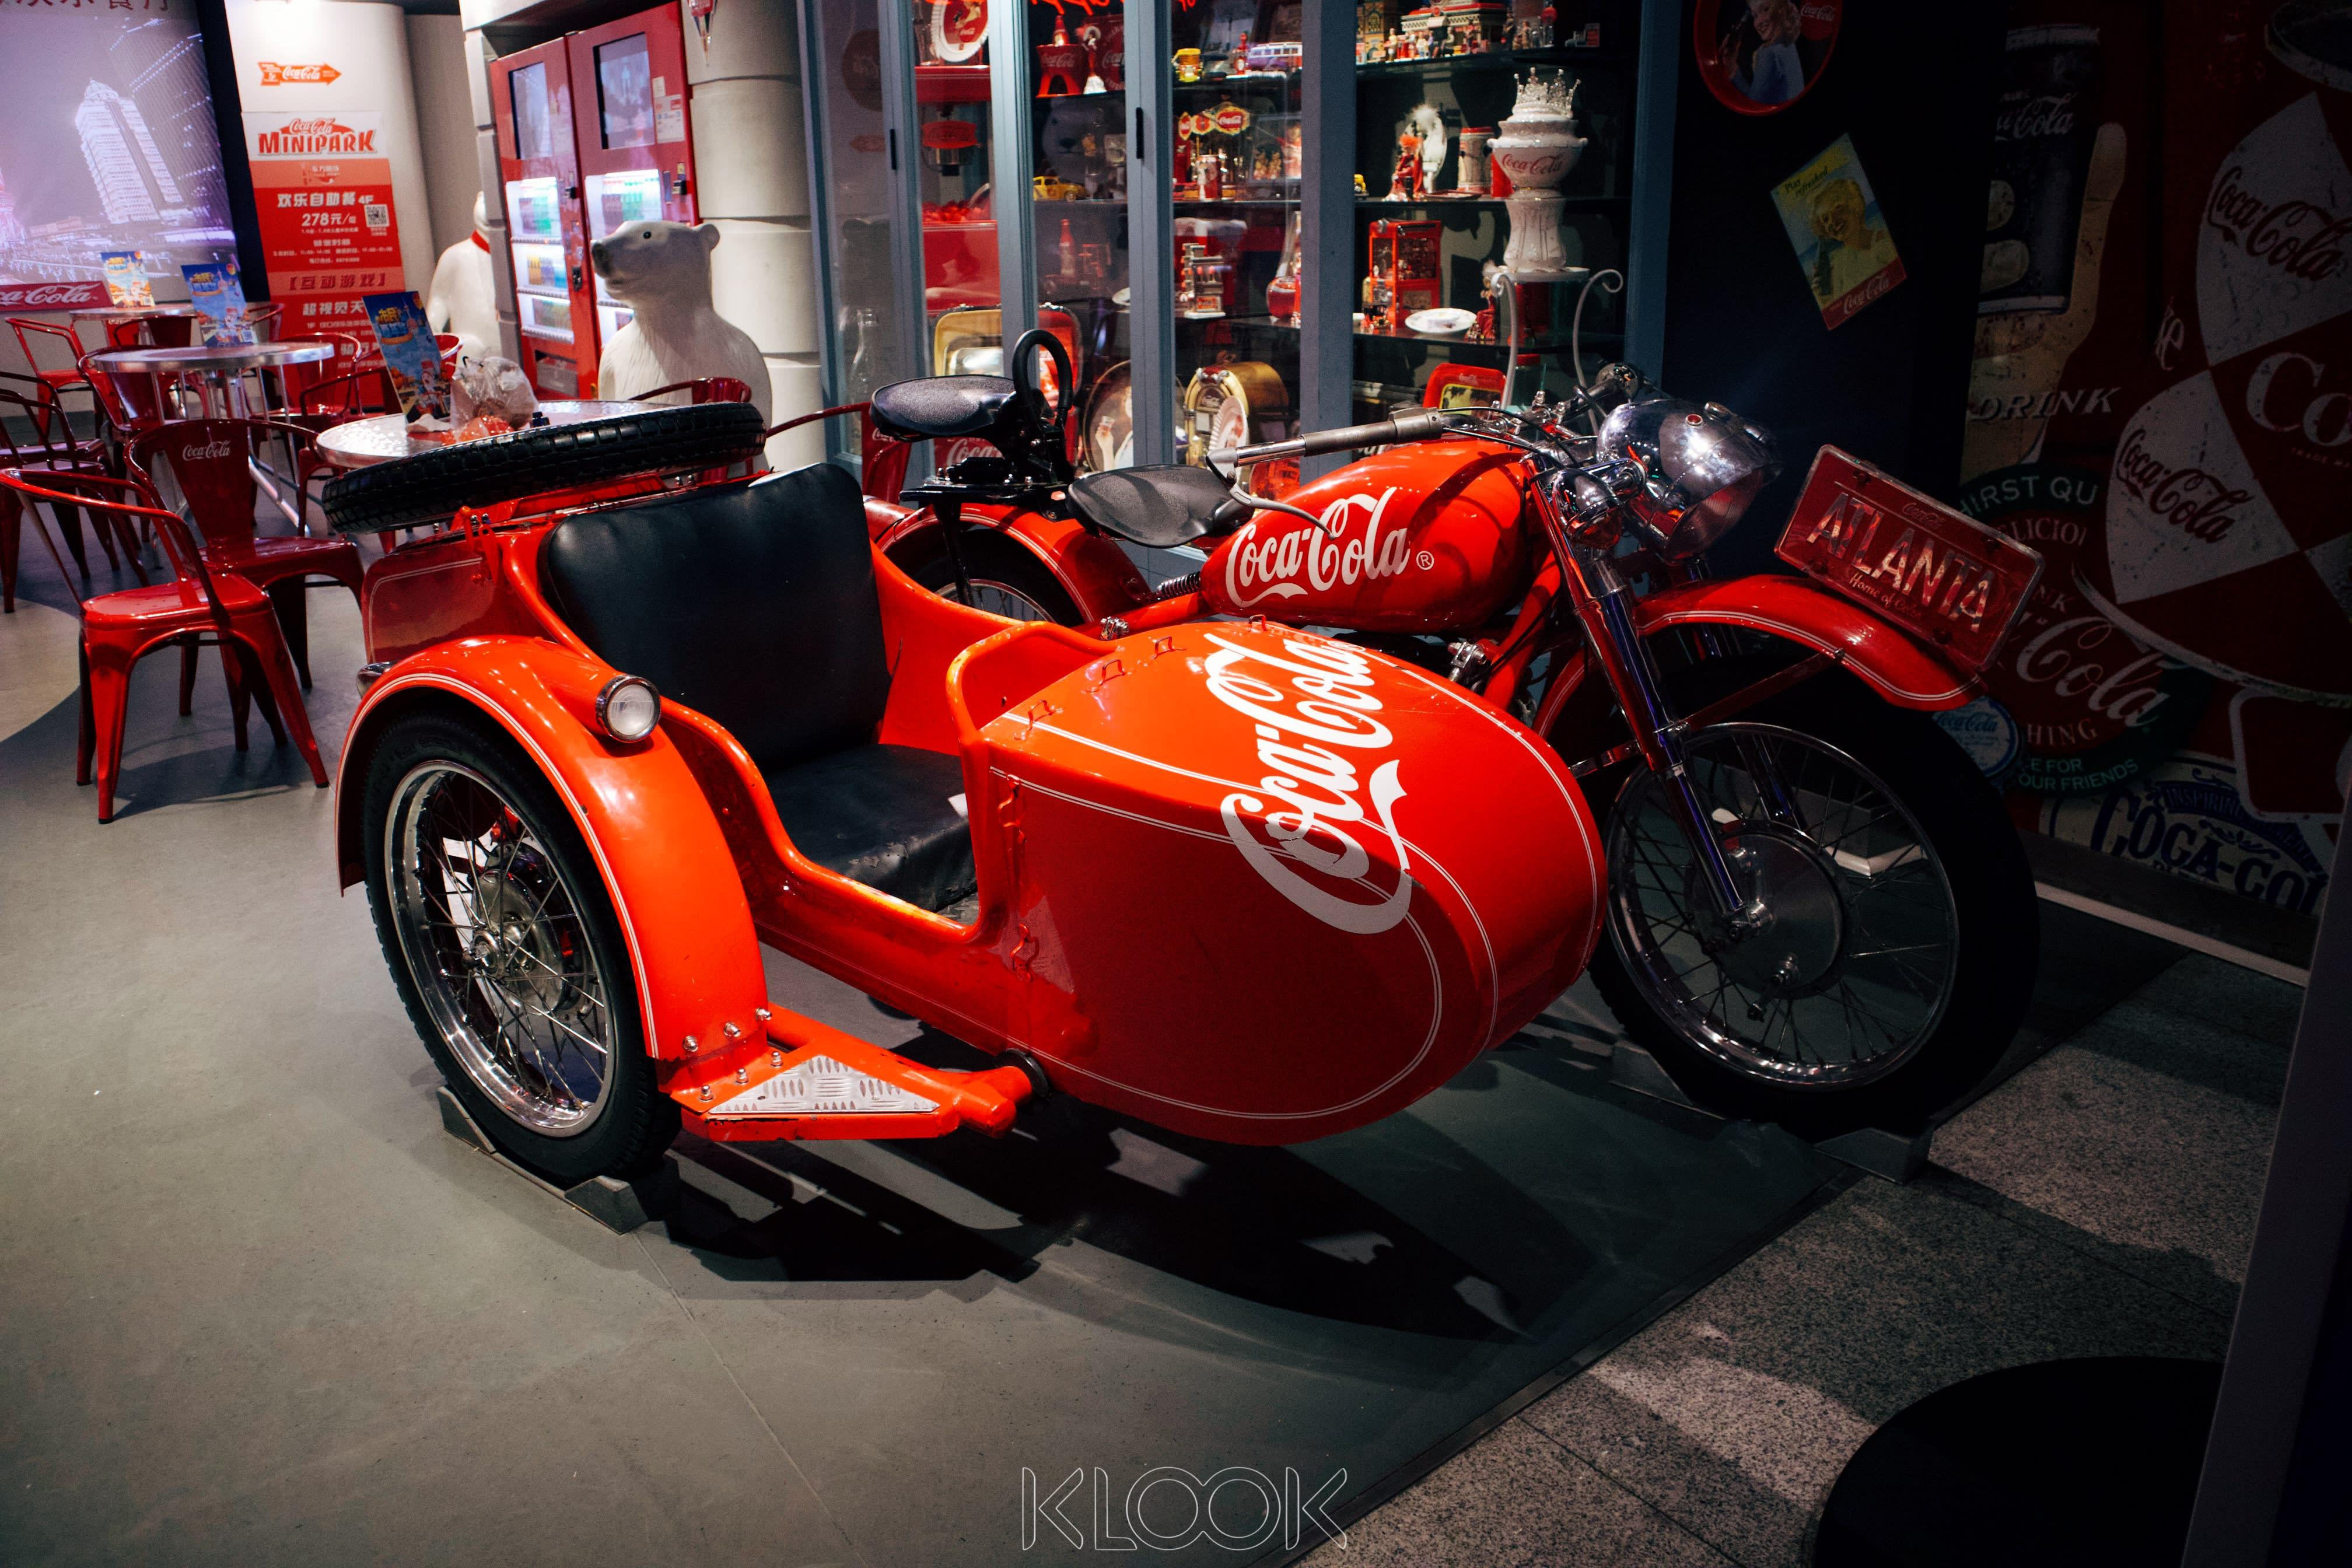 บัตรเข้า coca cola cafe เซี่ยงไฮ้